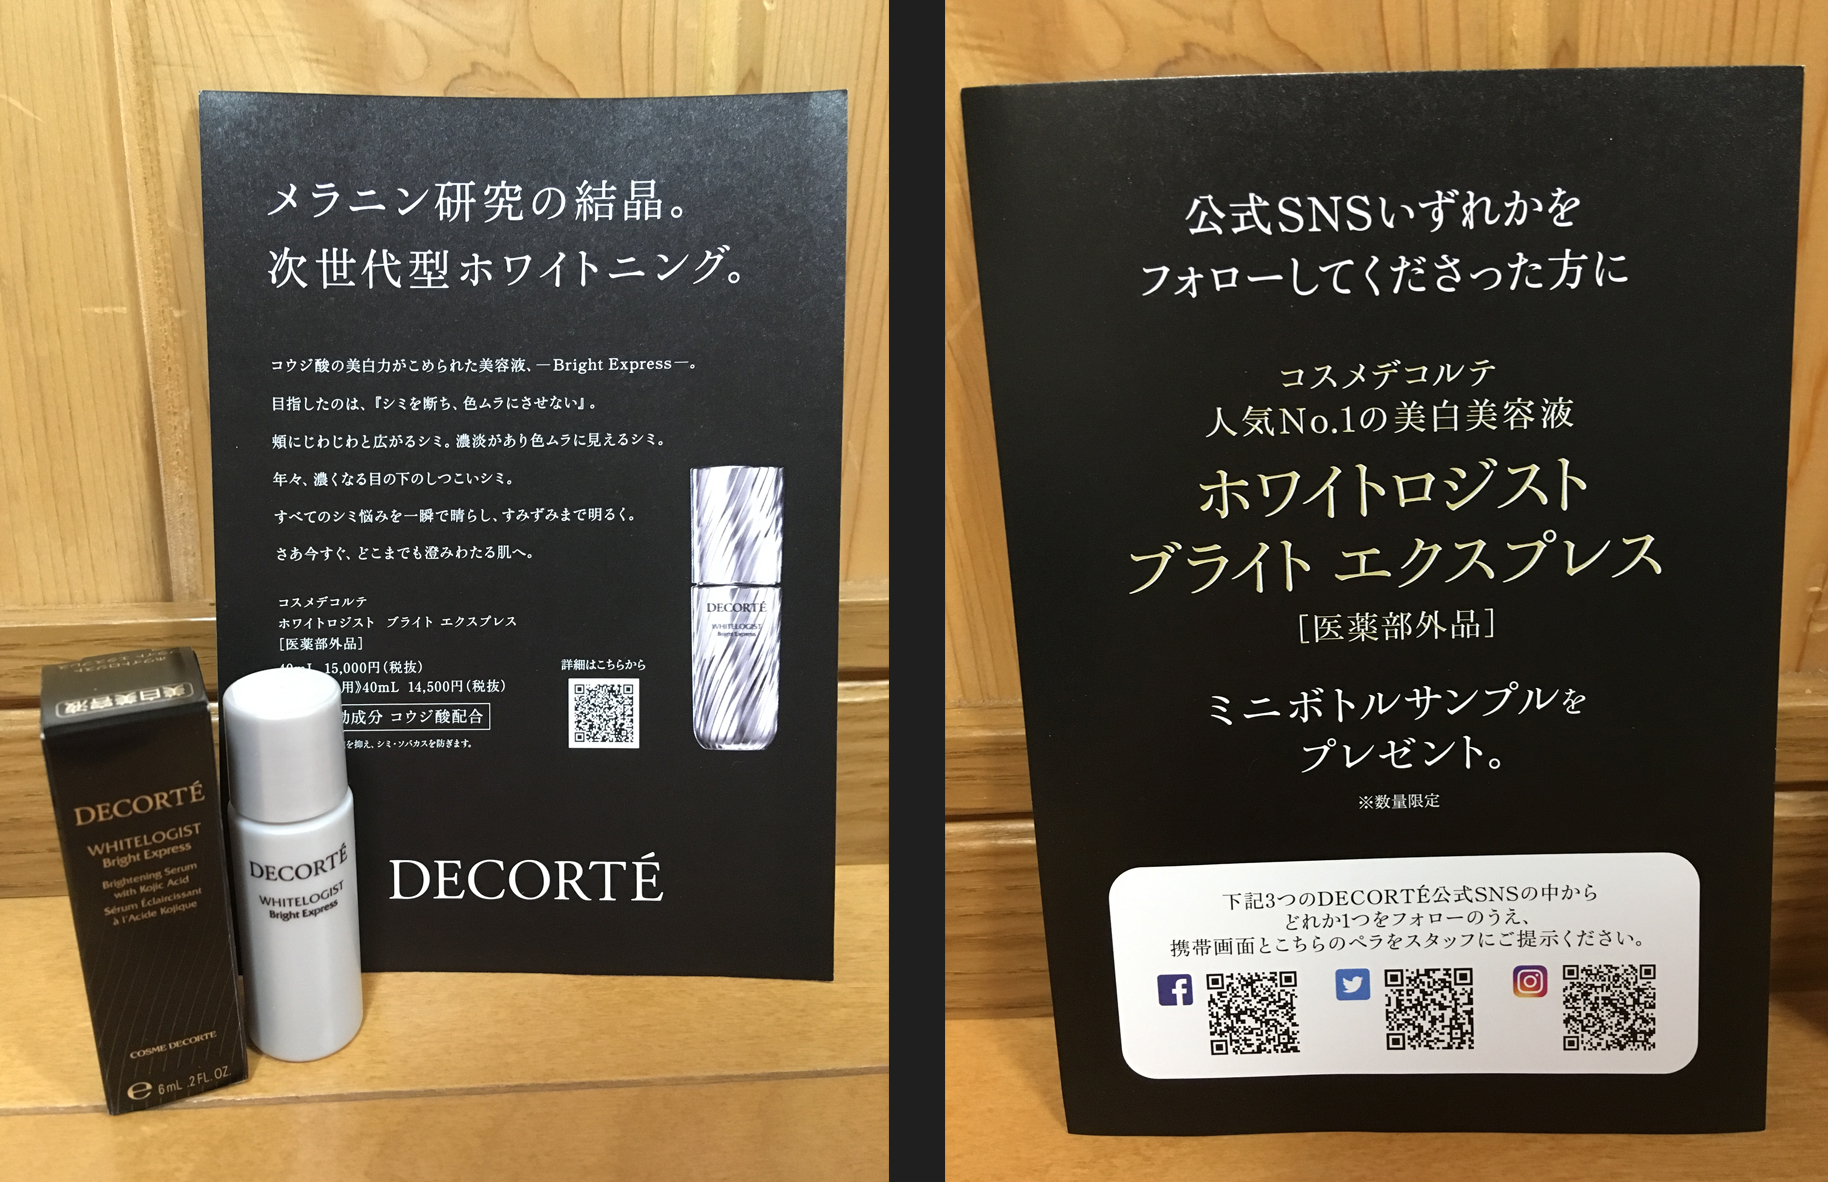 コーセービューティーフェスタ 2019 コスメデコルテ ホワイトロジスト ブライト エクスプレス 美白美容液 サンプル